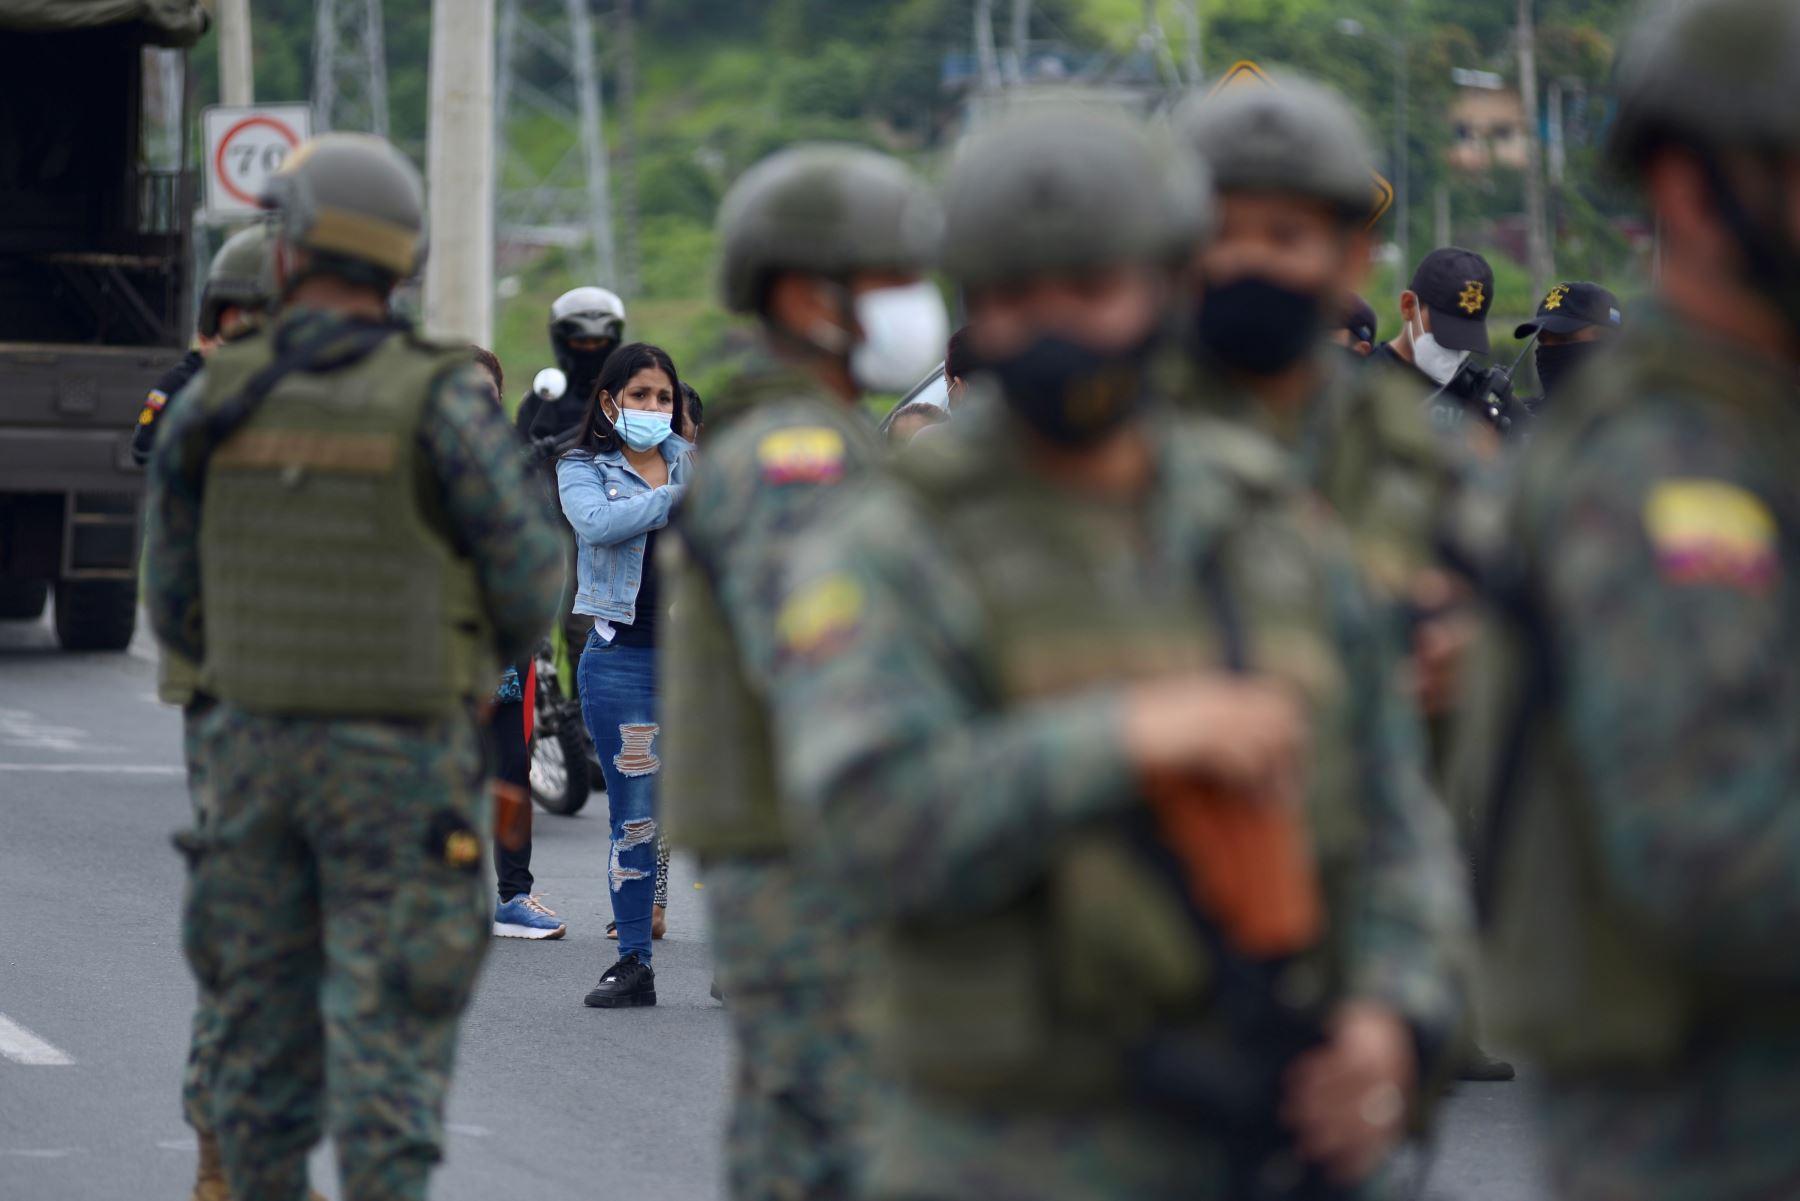 Militares acordonan hoy el Centro de Rehabilitación Social de Guayas, mientras familiares de los reclusos observan durante un amotinamiento, en Guayaquil (Ecuador). Más de 50 reclusos murieron en una serie de amotinamientos ocurridos en tres prisiones de varias ciudades de Ecuador. Foto: AFP